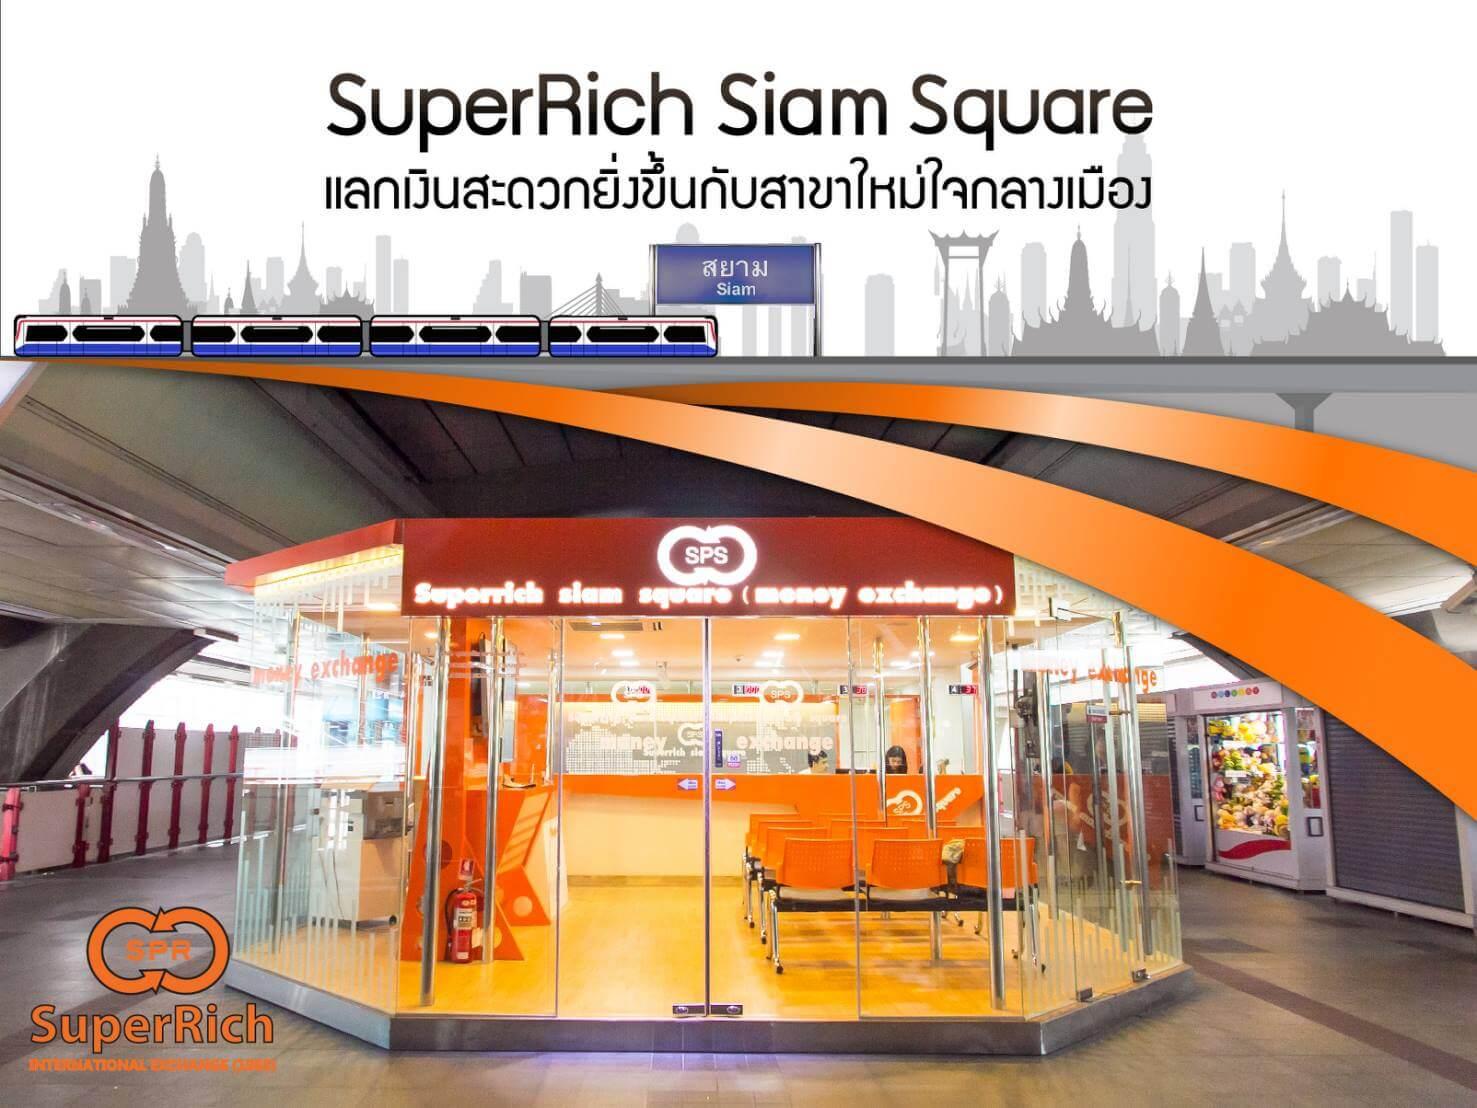 Đổi tiền đi Thái Lan